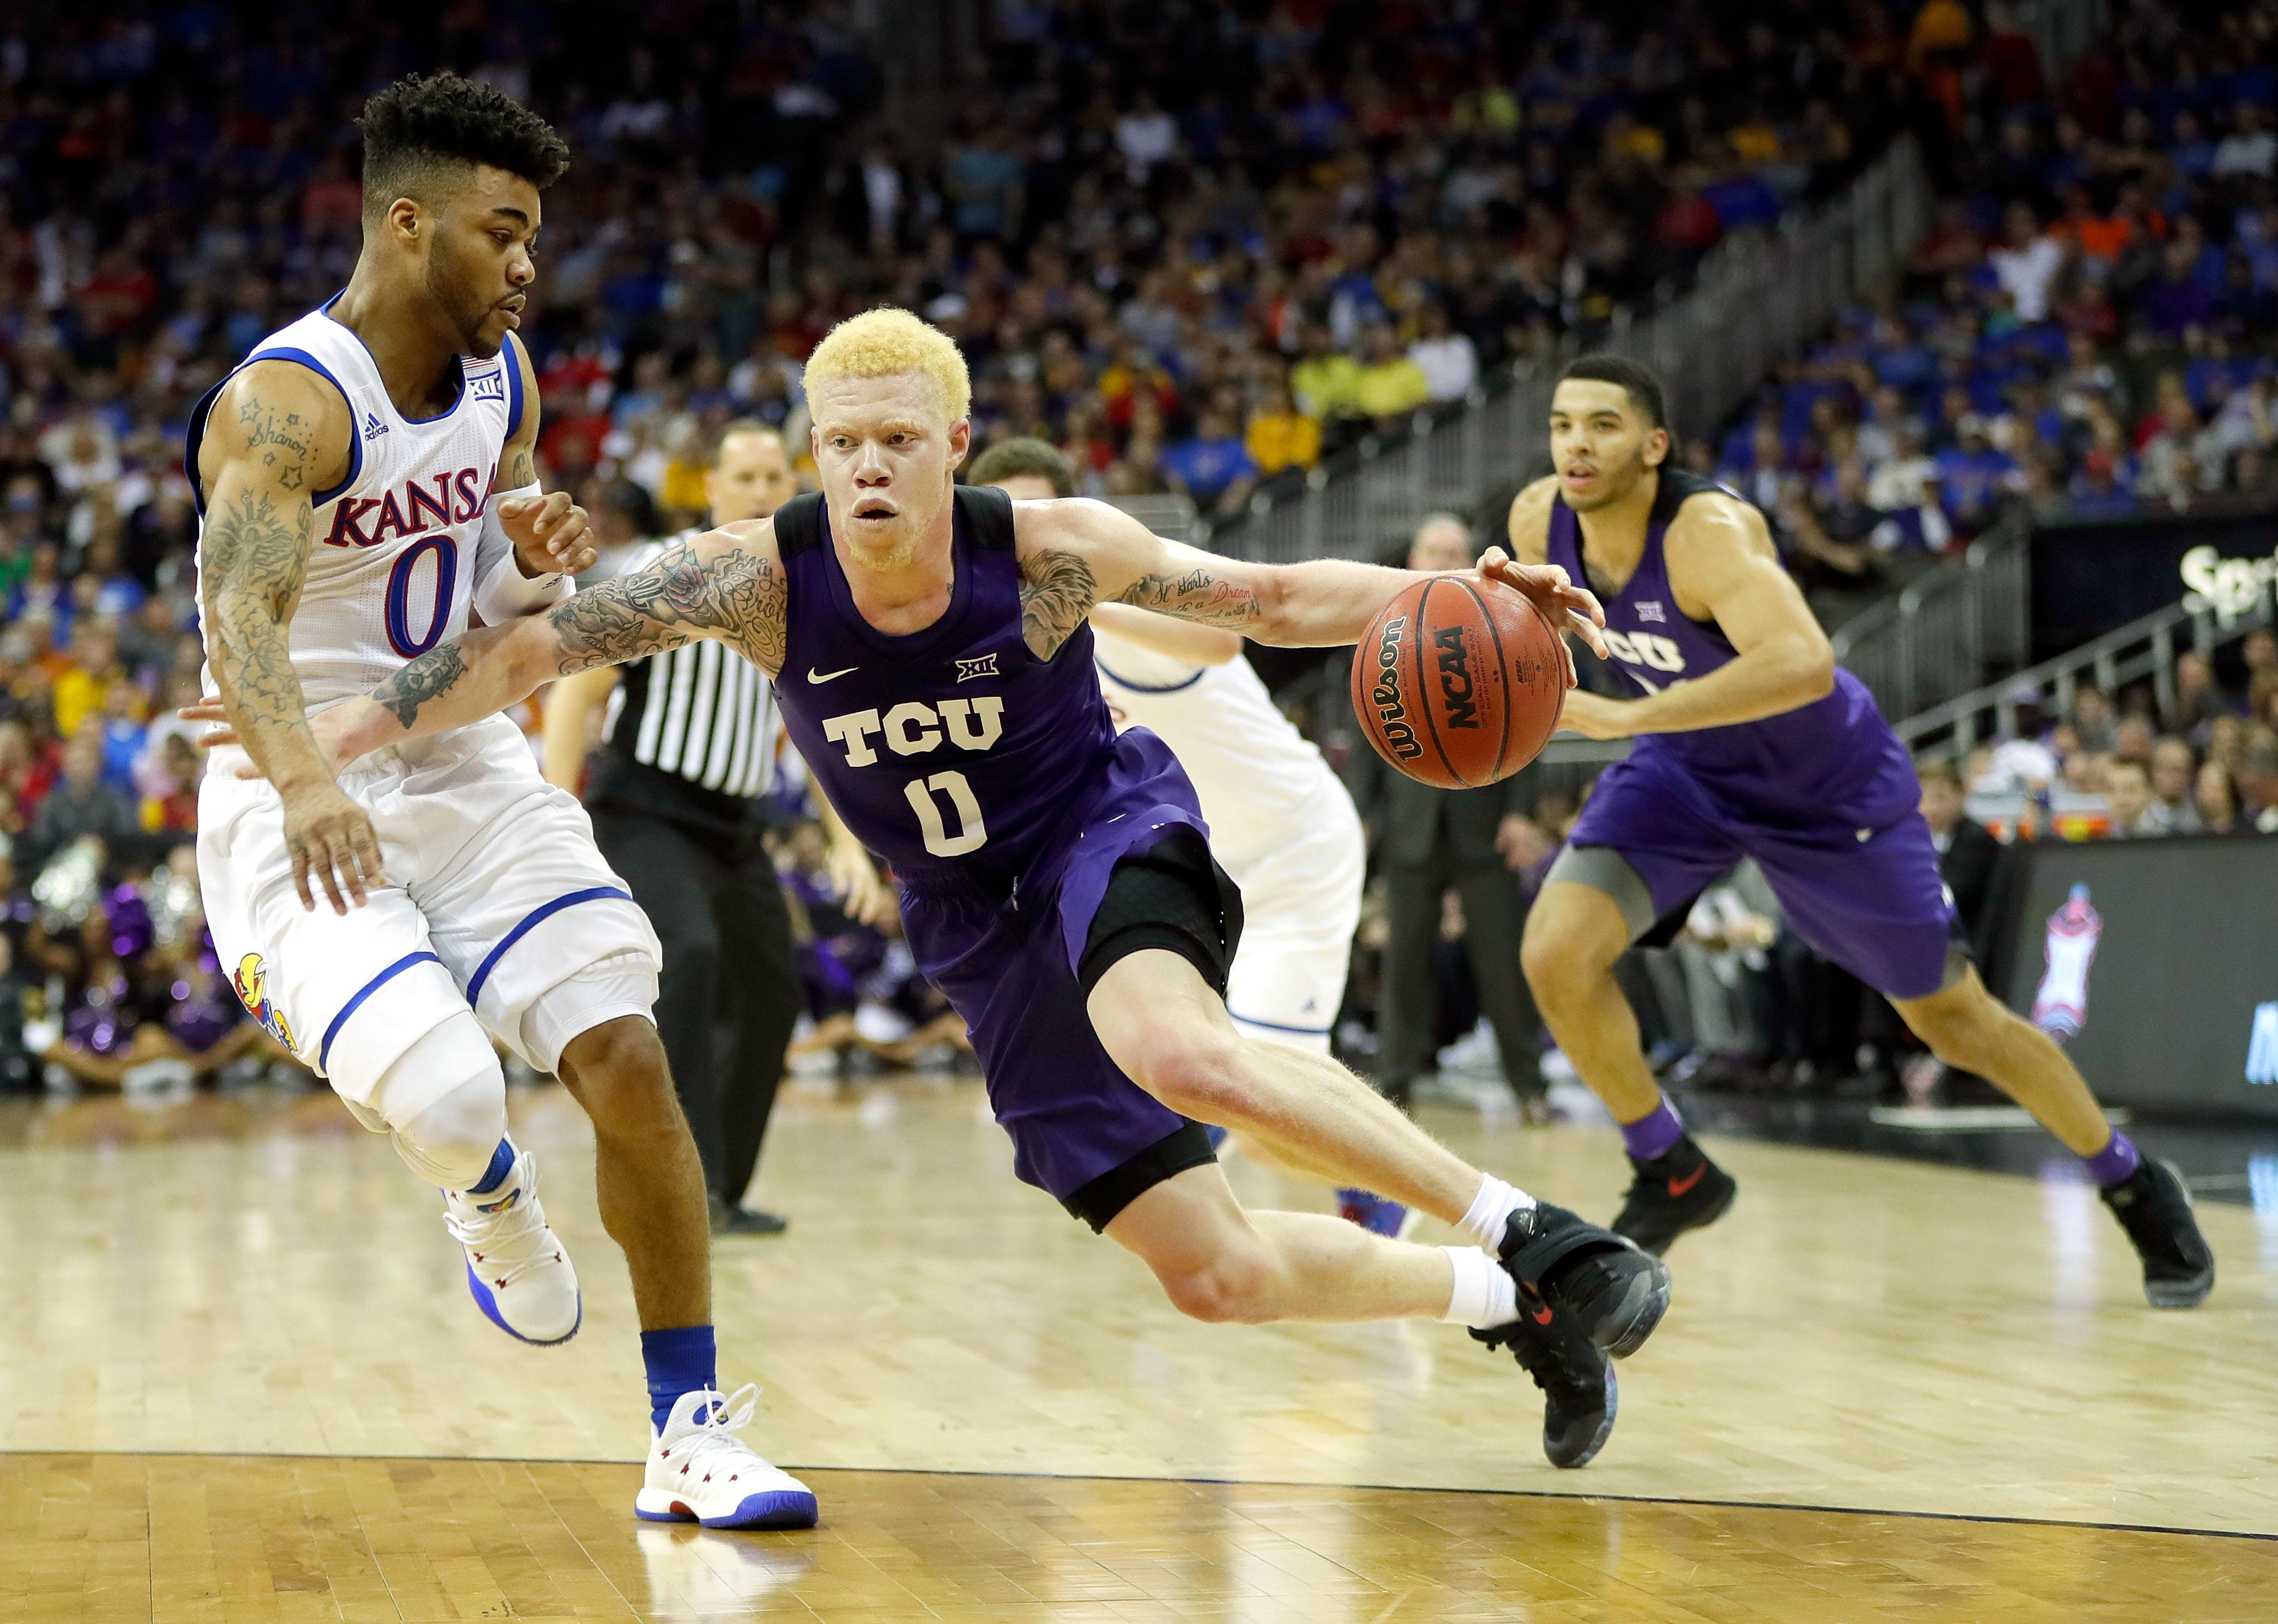 Kentucky Basketball 2017 18 Season Preview For The Wildcats: TCU Basketball: 2017-18 Preview For The Rising Horned